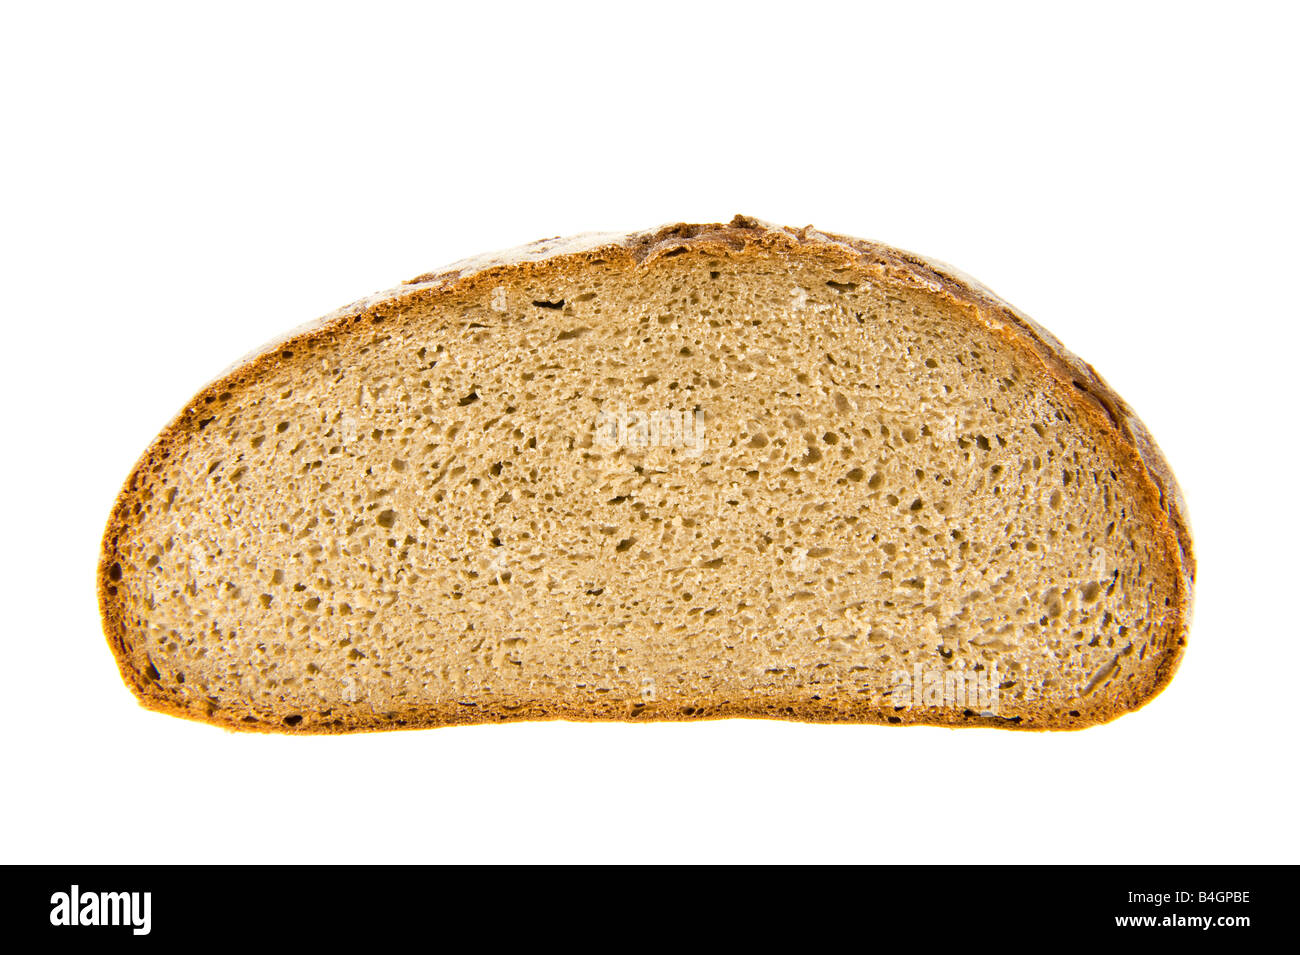 staple food dietary brown bread dark bread german germany rye brot baker bakery leaven sourdough cob loaf  slice - Stock Image